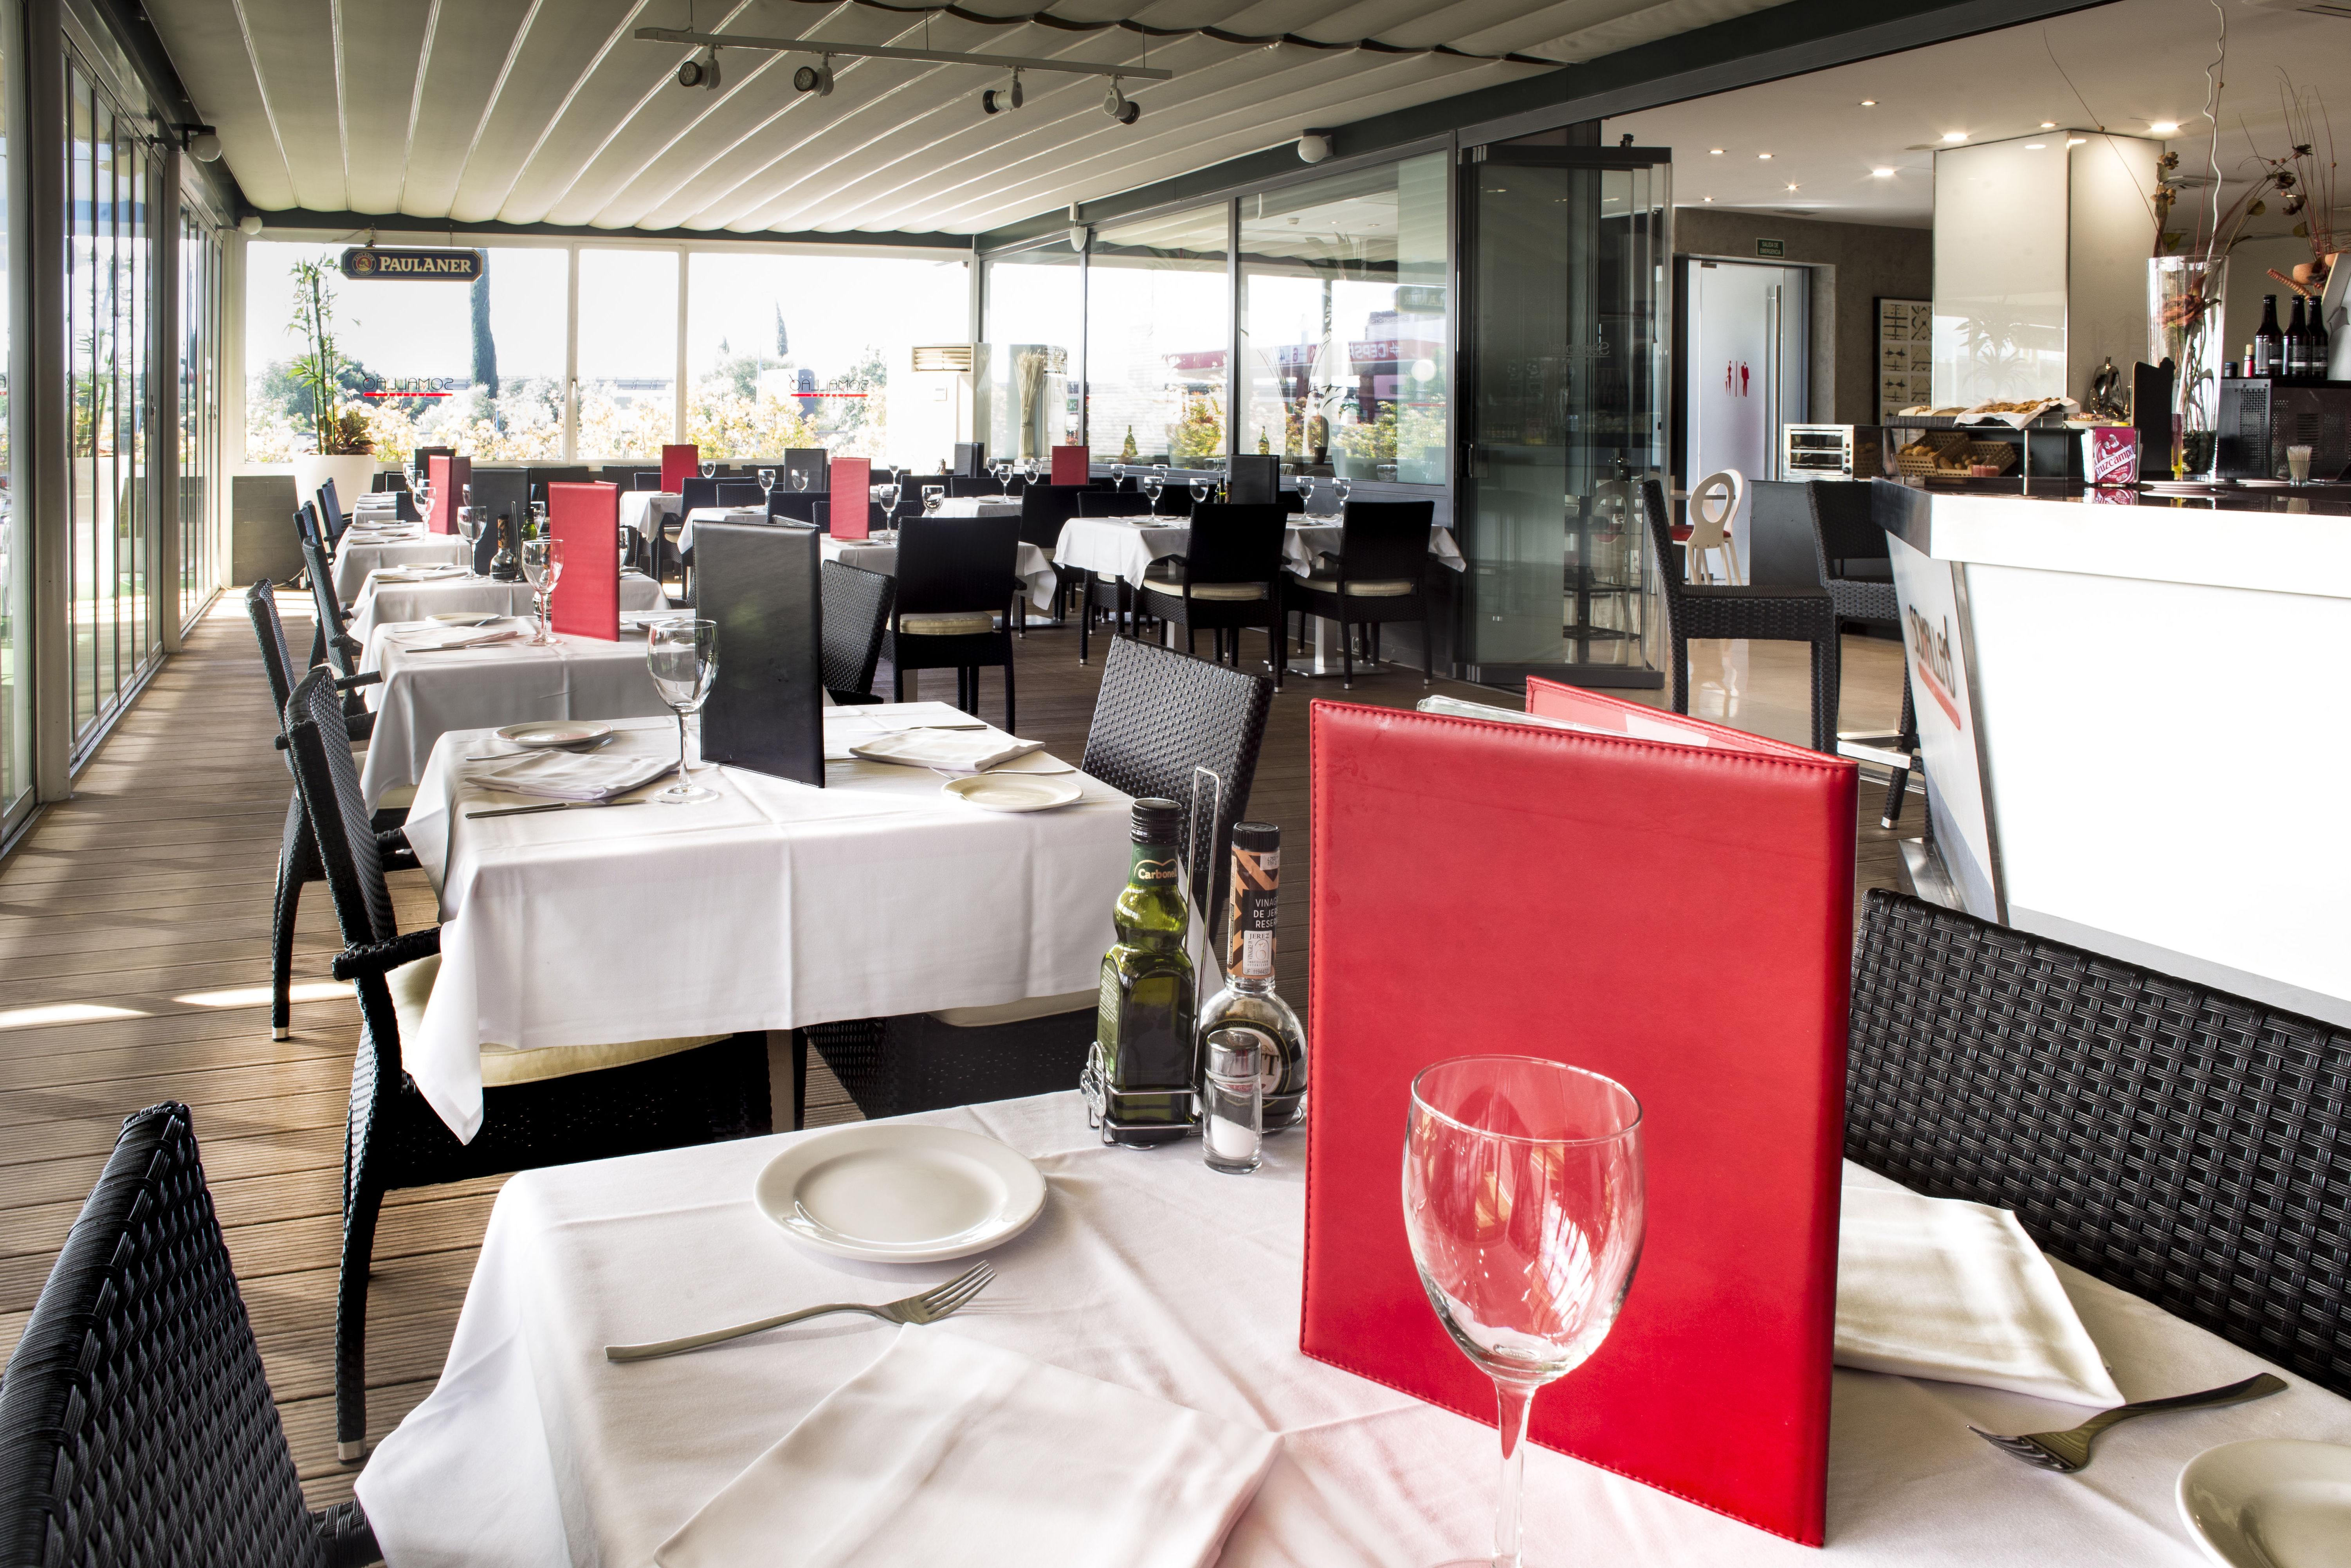 Foto 12 de Restaurantes en Rivas Vaciamadrid | Restaurante Somallao Sercotel Rivas